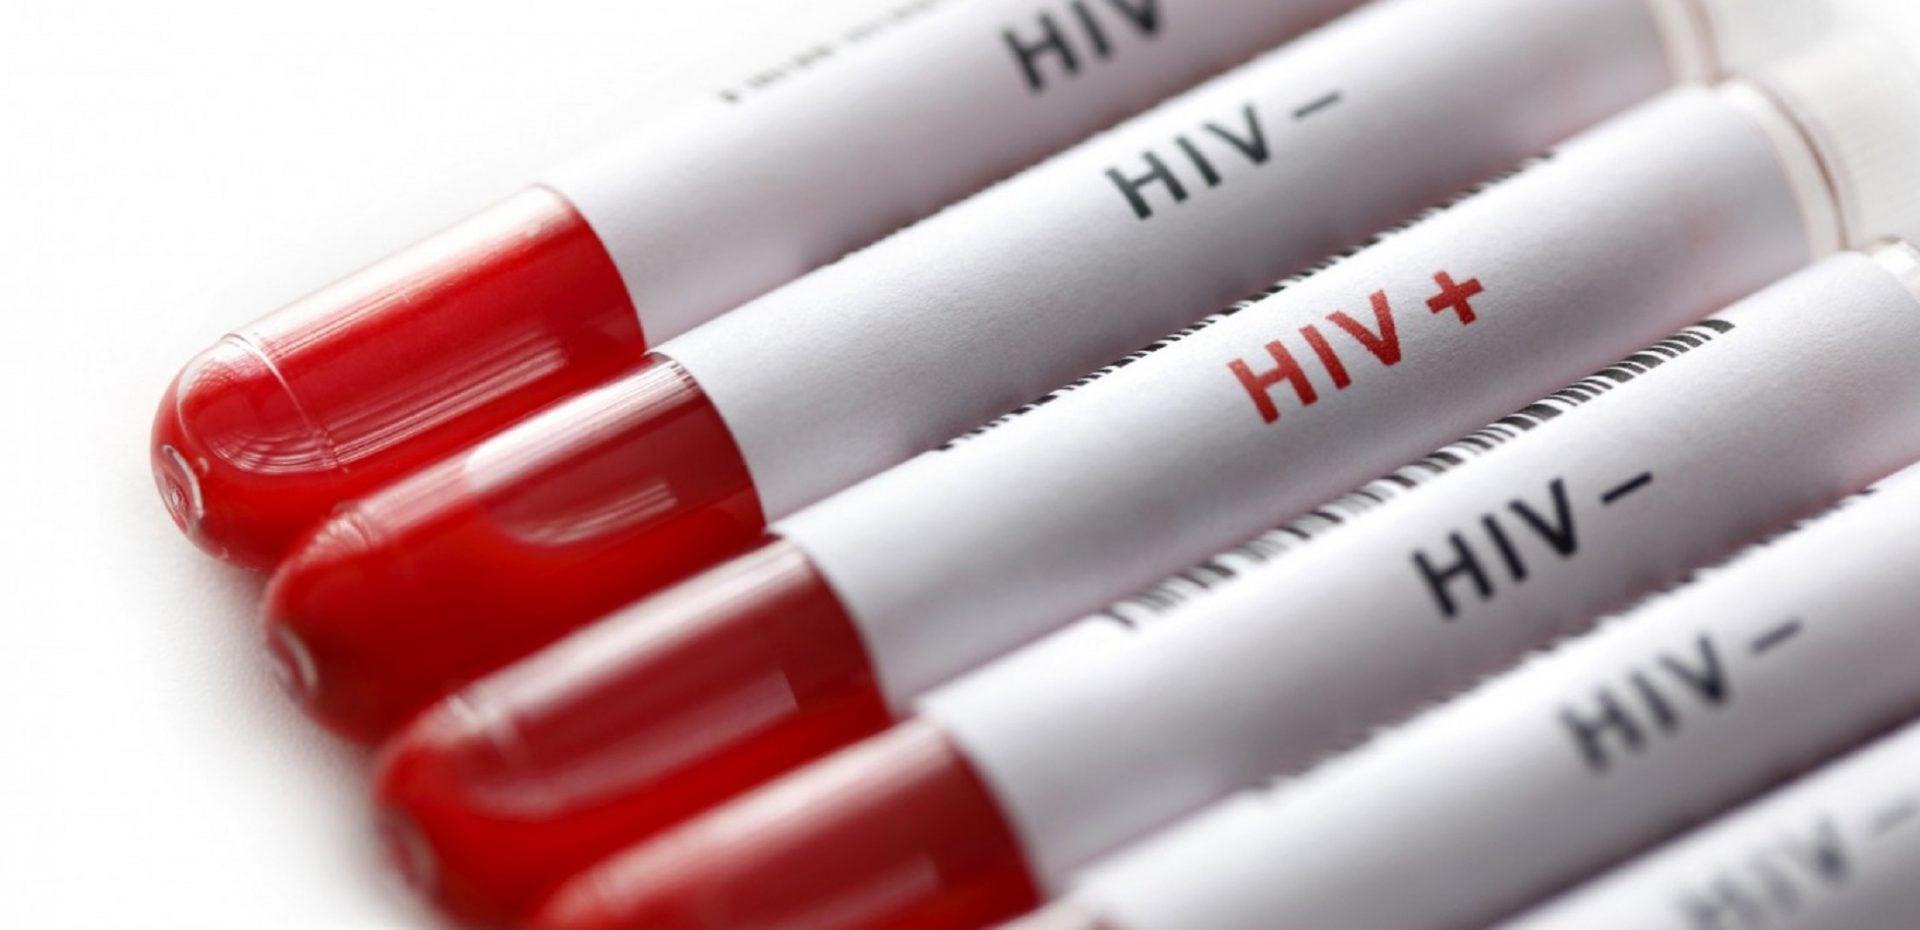 ویروس HIV از طریق سرنگ آلوده